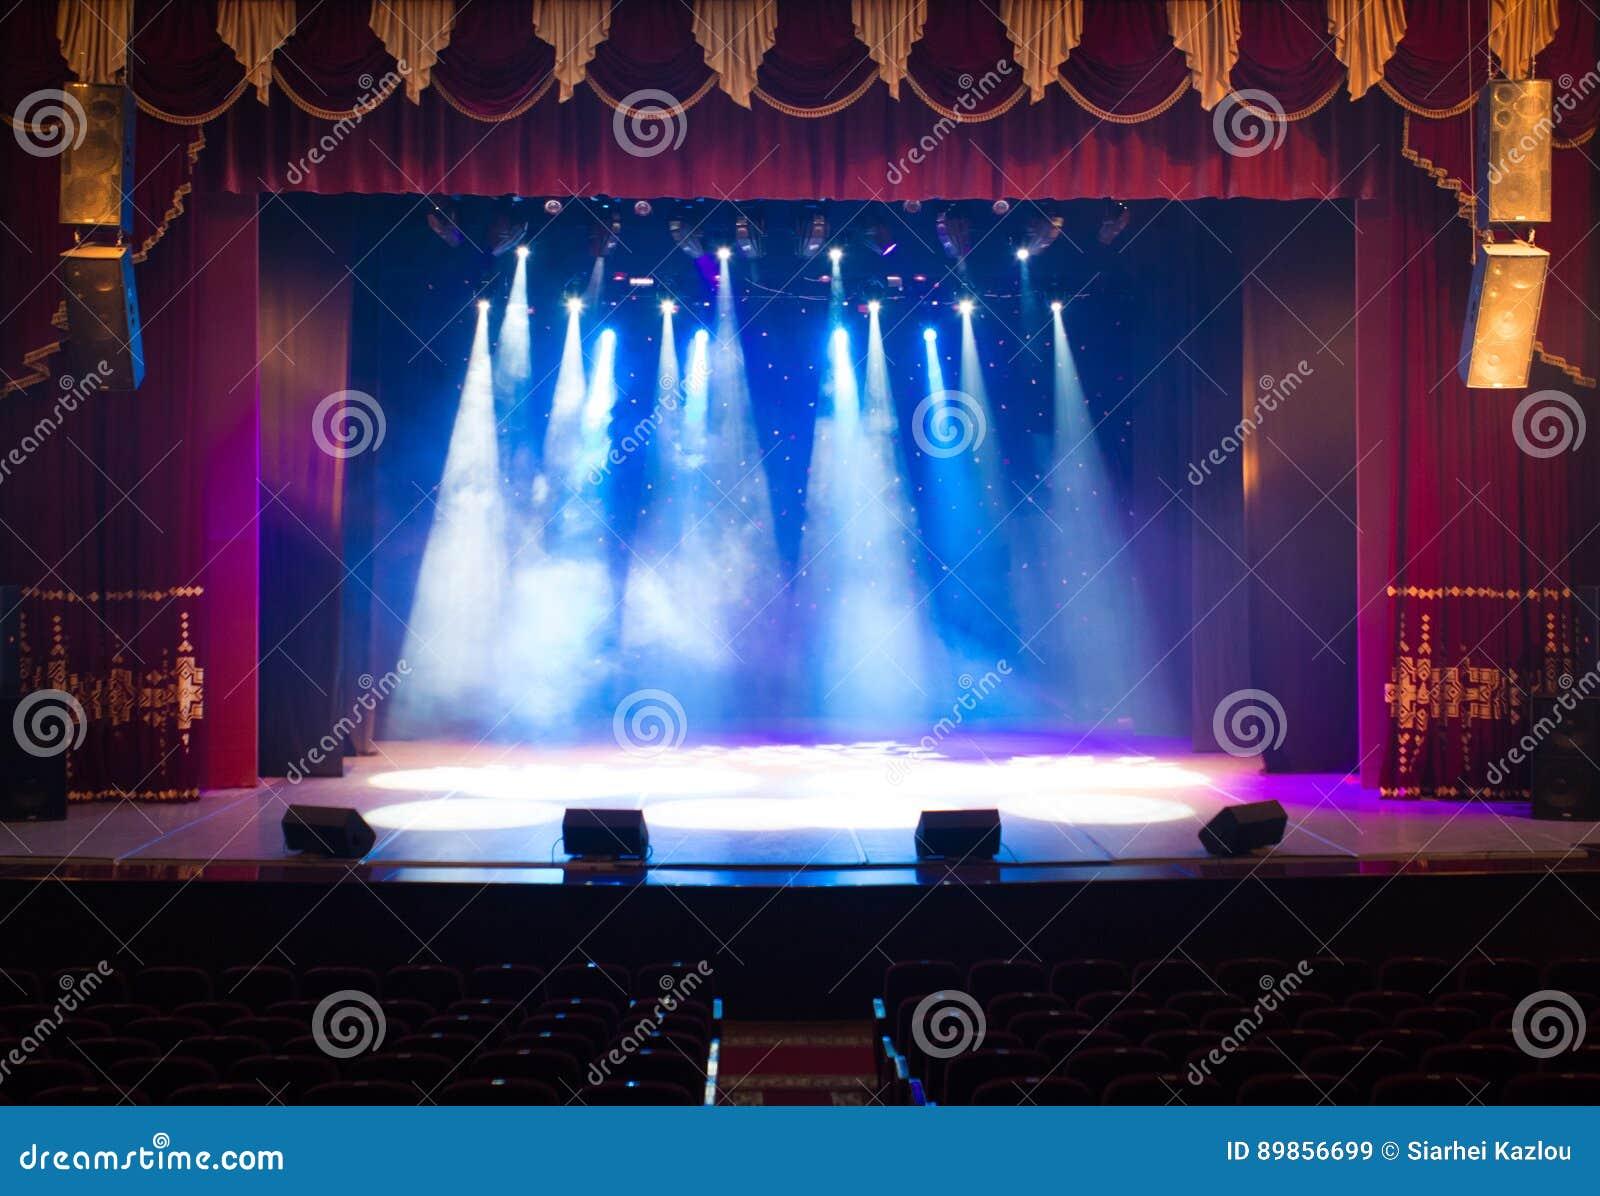 Σκηνή, σκηνικό φως με τα χρωματισμένα επίκεντρα